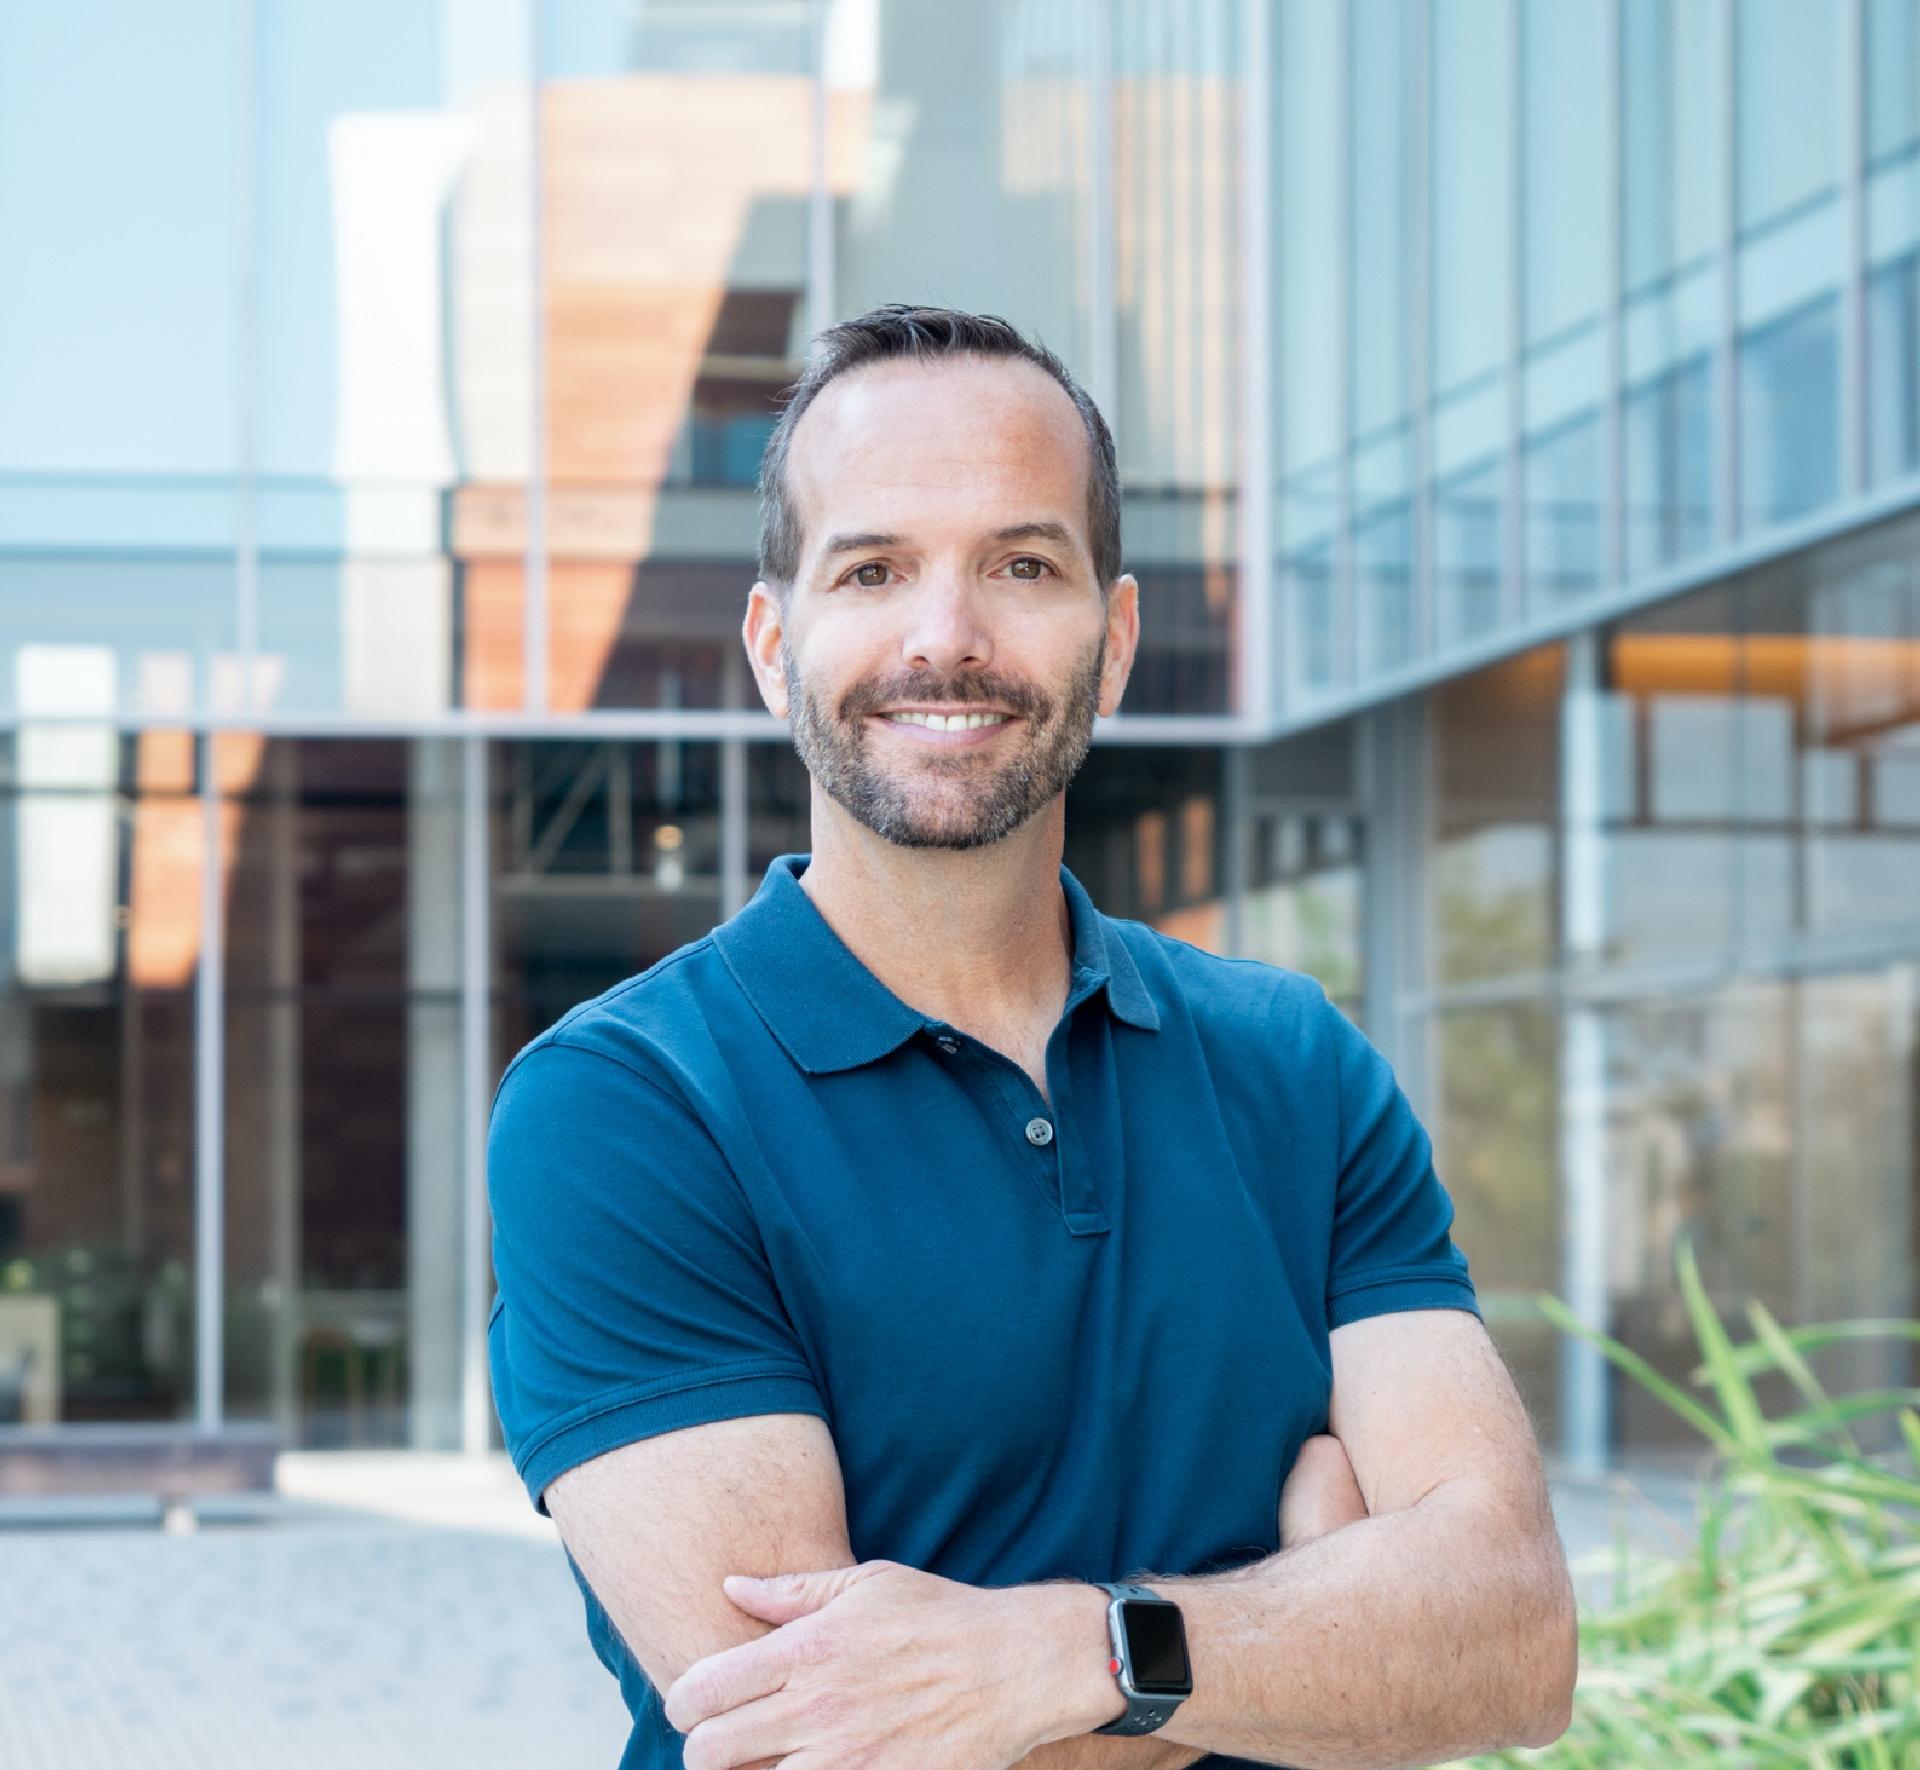 Photo of Dave Girouard